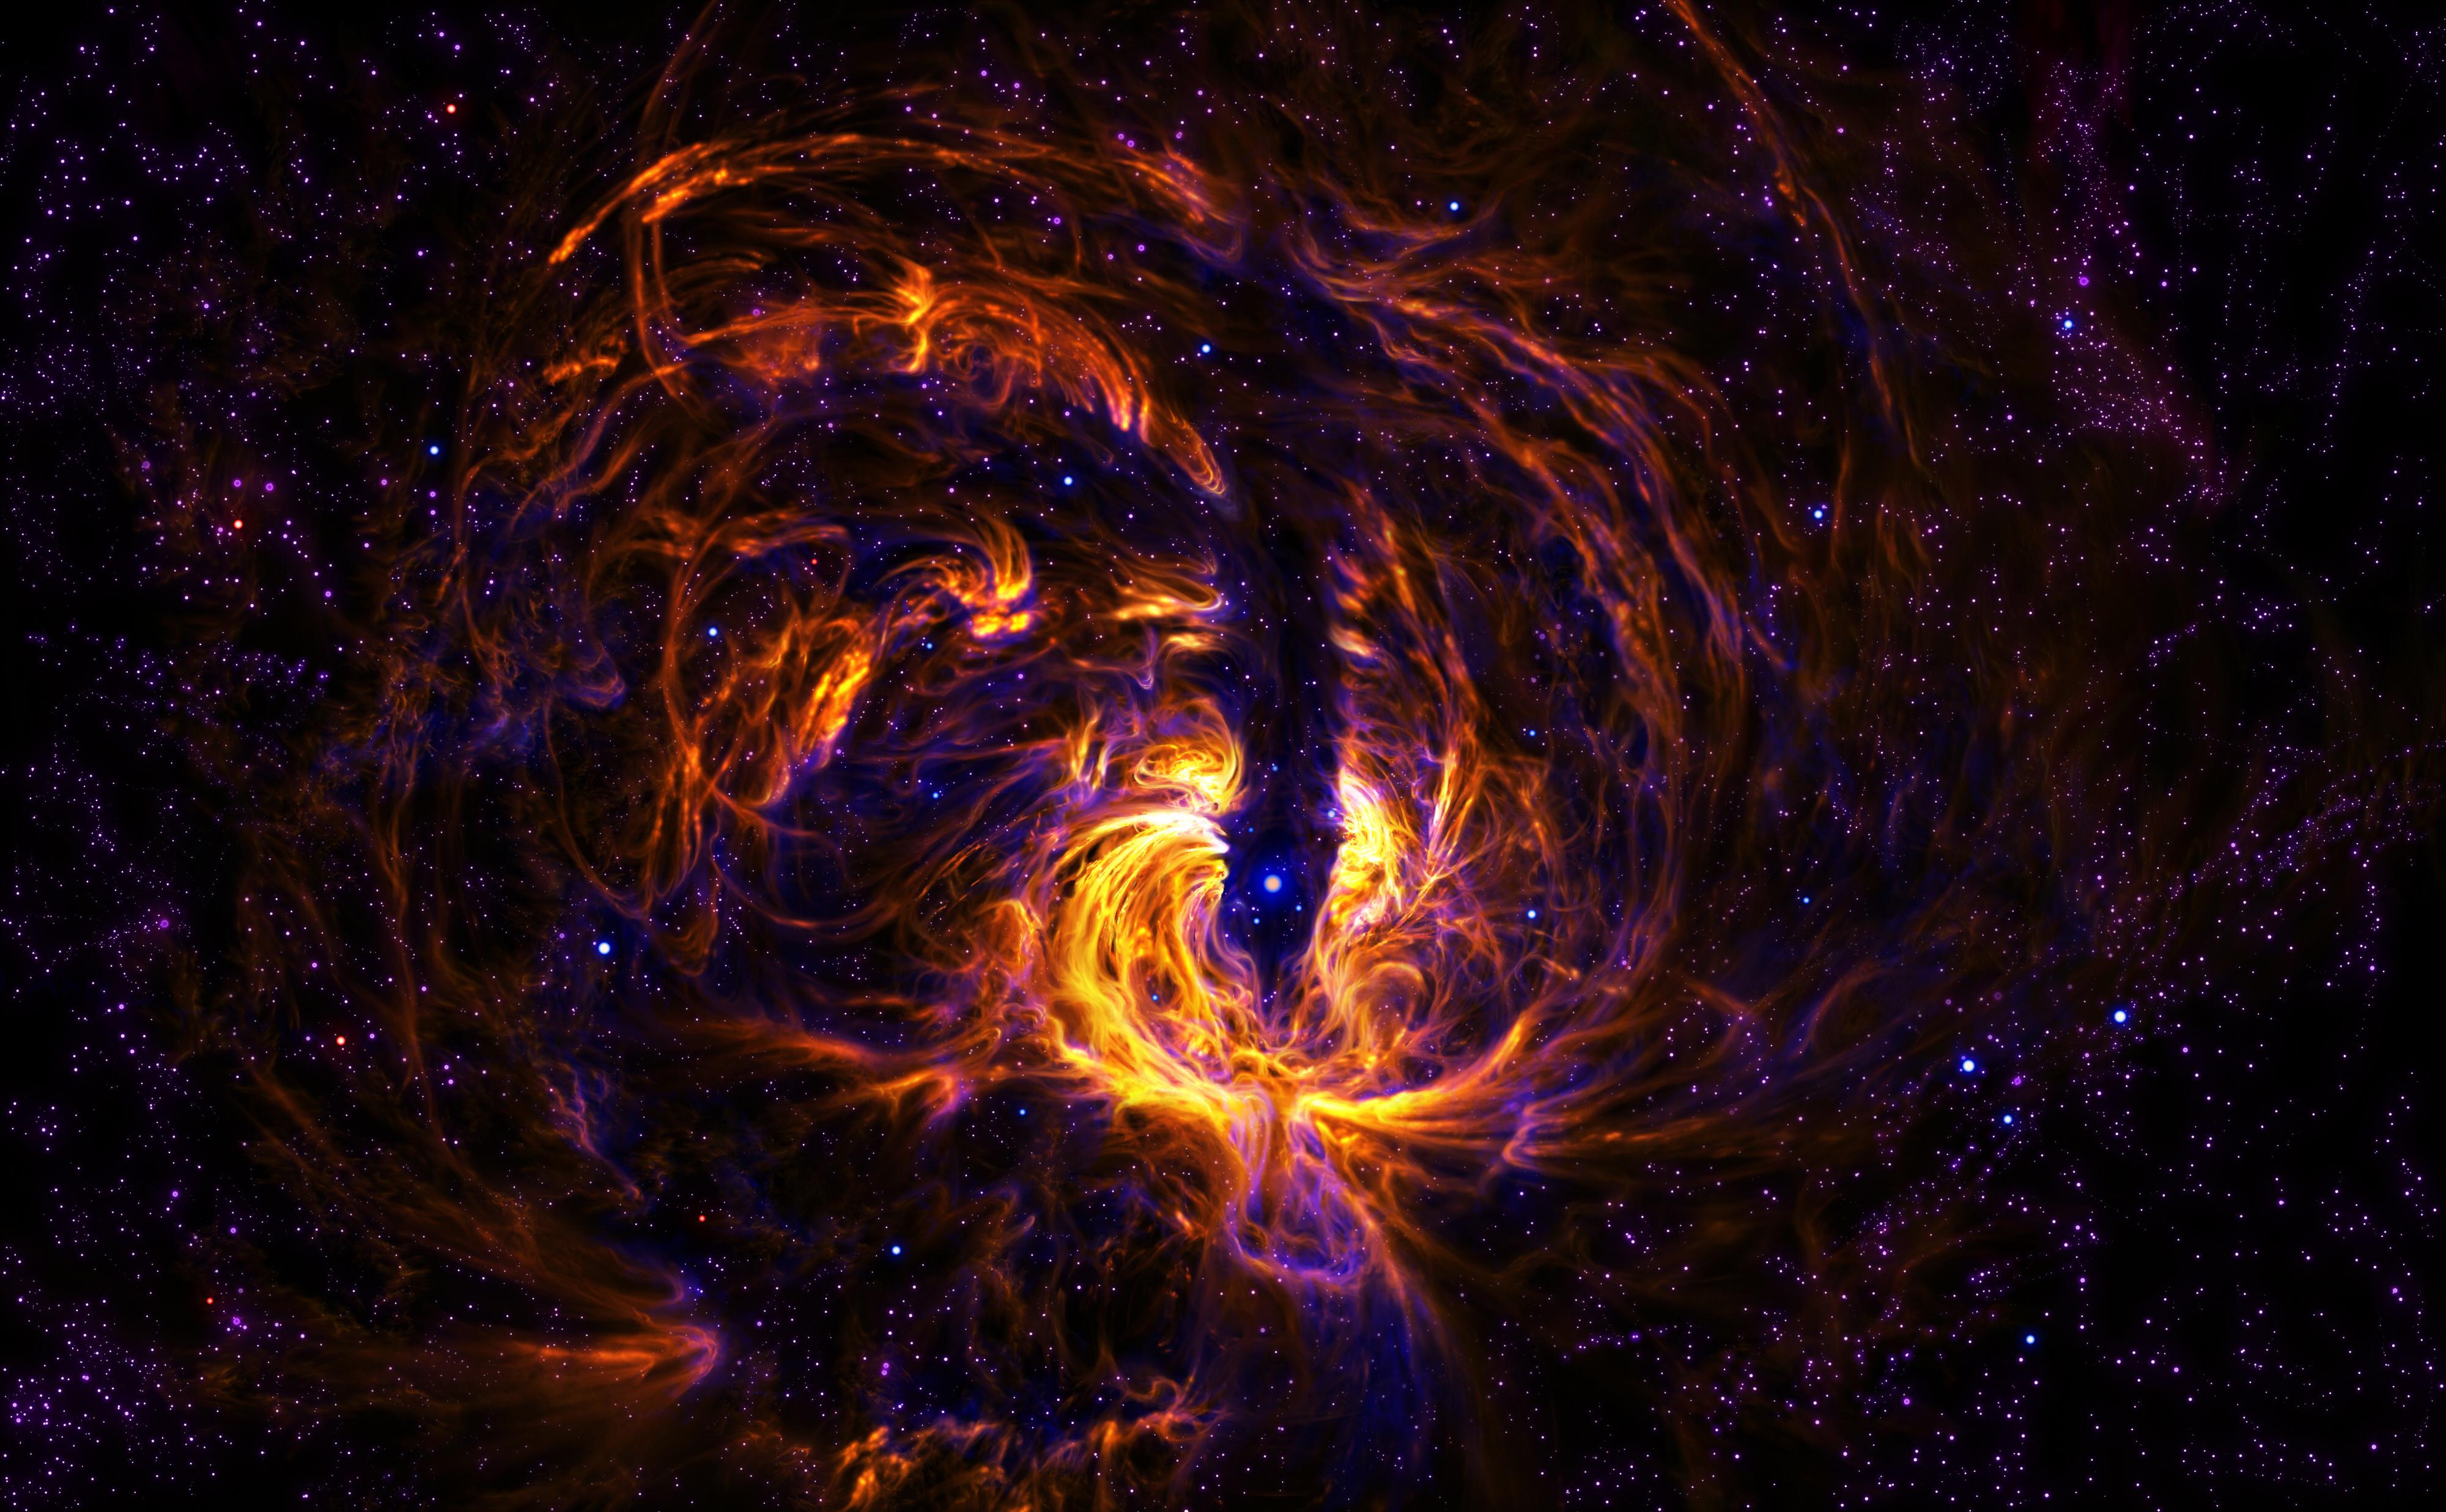 Hurricane Nebula by SteveAllred on DeviantArt